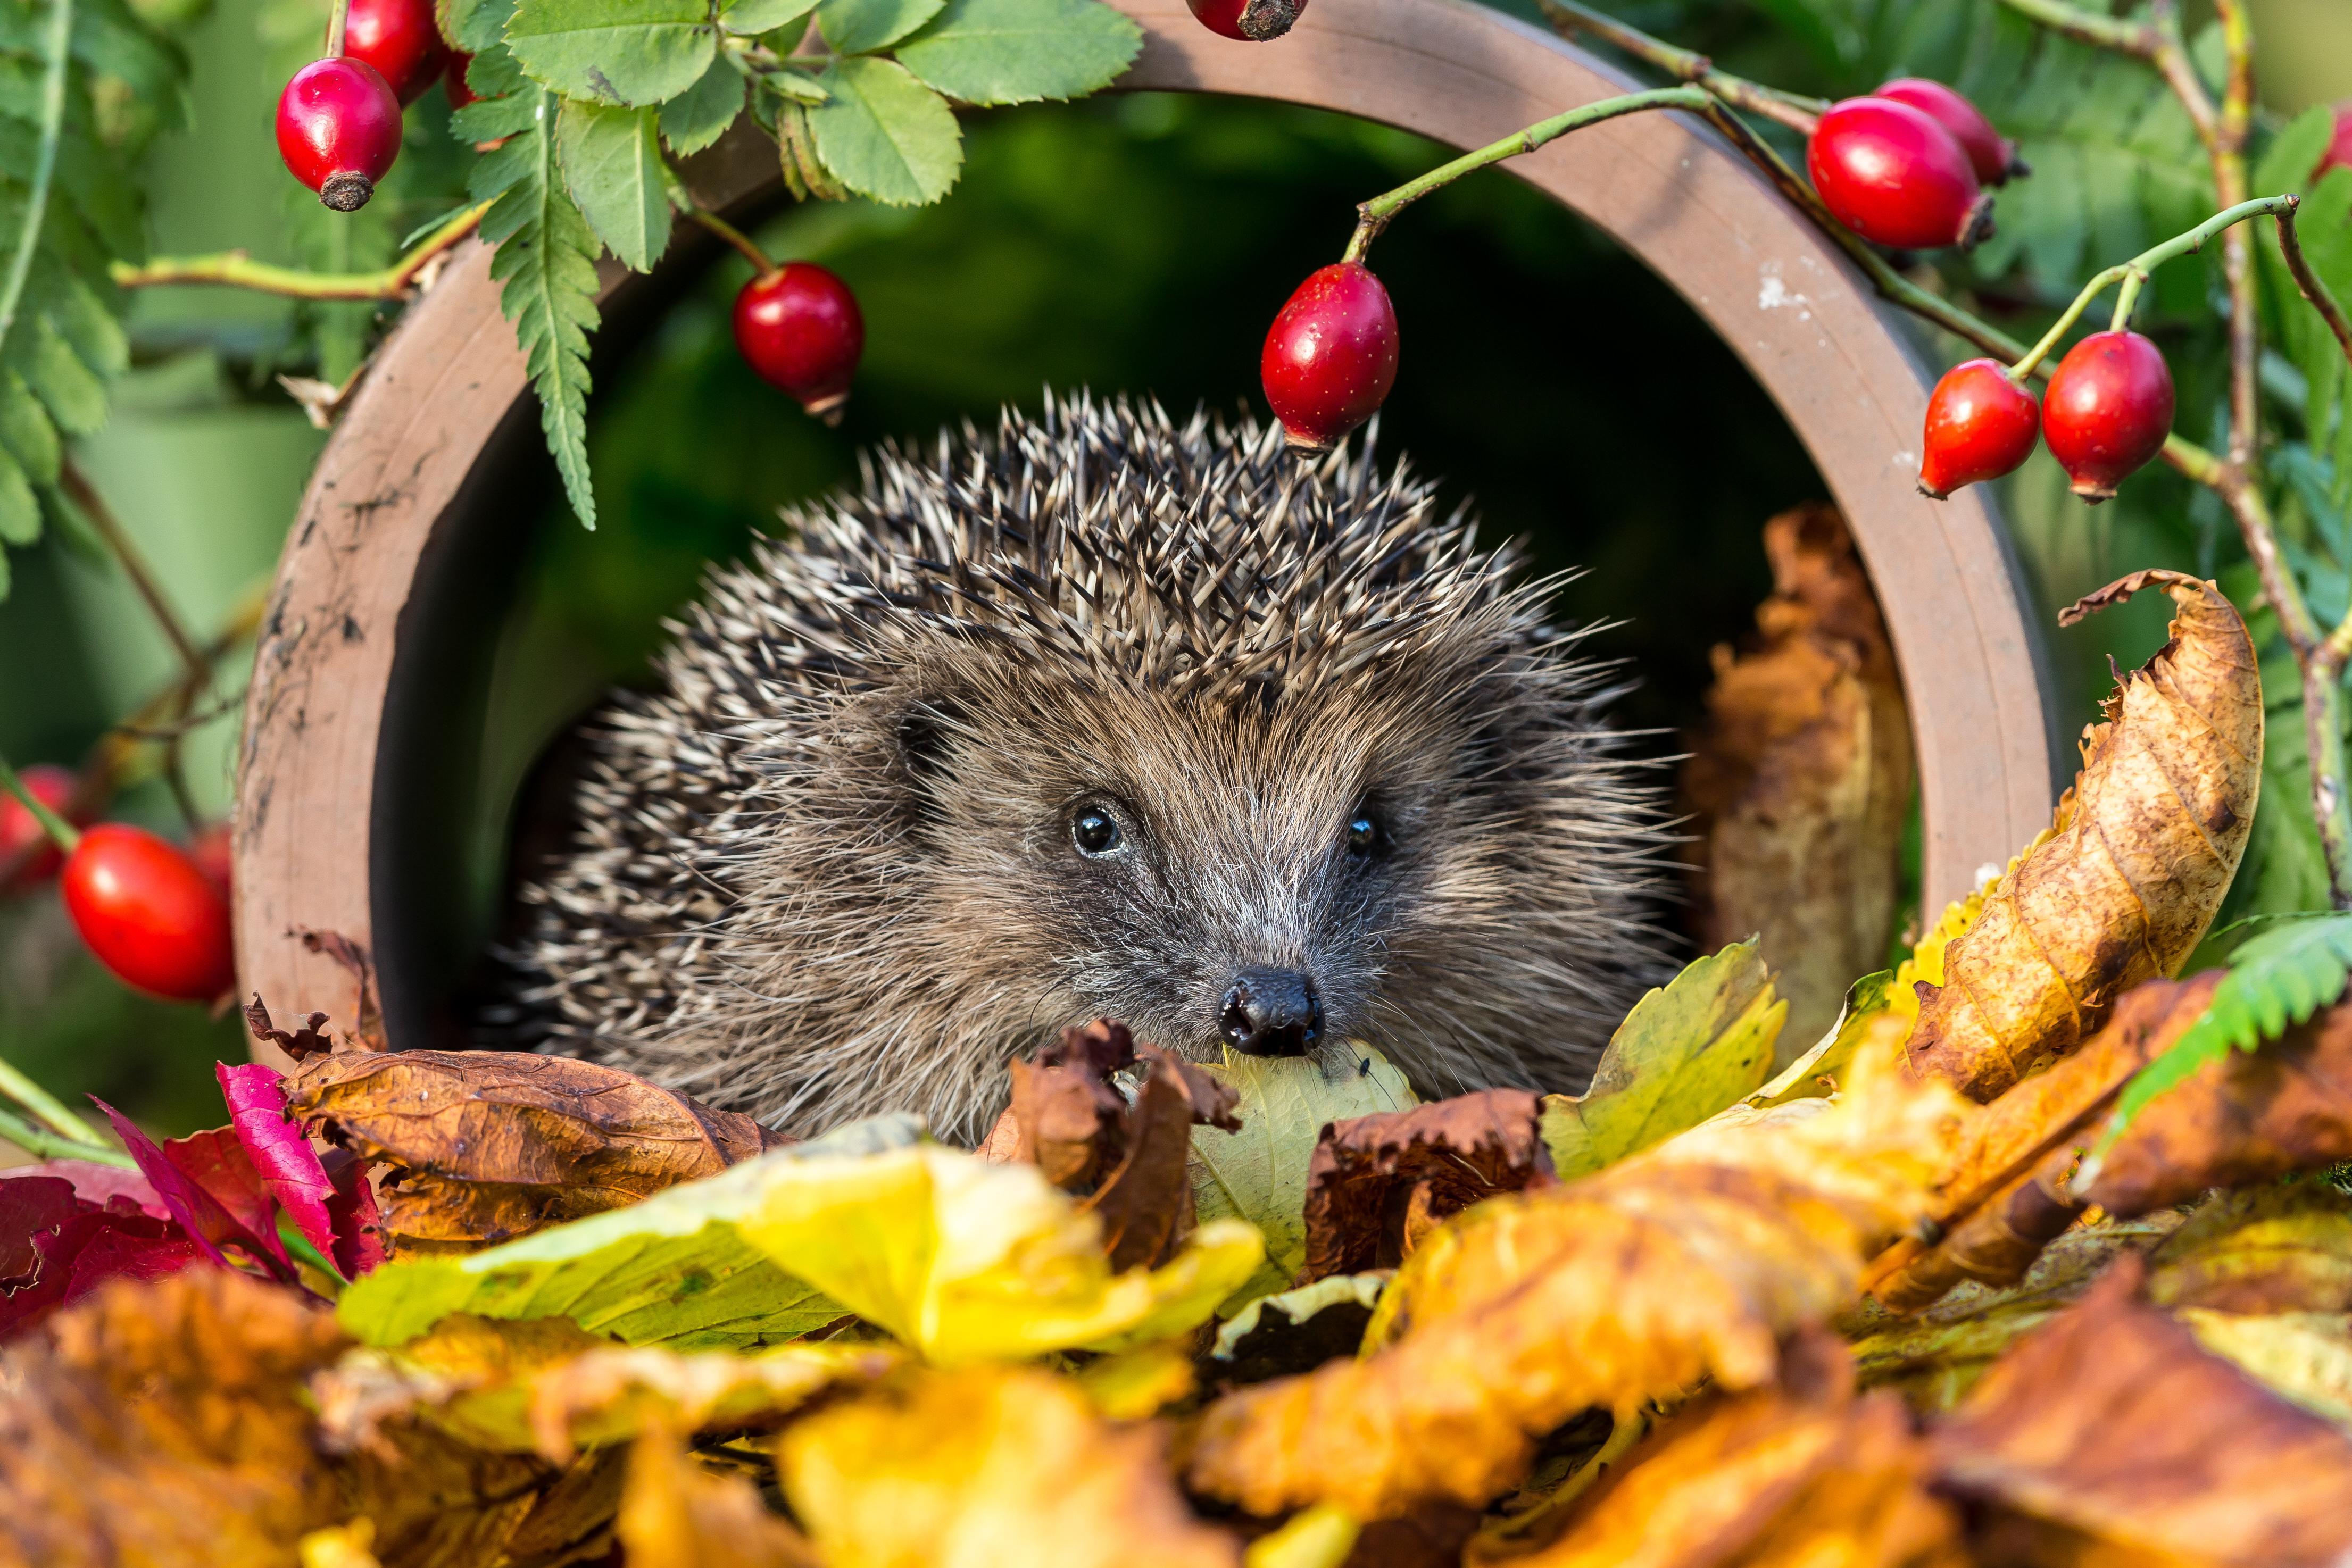 Maak een egelstraat: verbind je tuin met die van de buren door een opening in je omheining te maken - Foto: Shutterstock